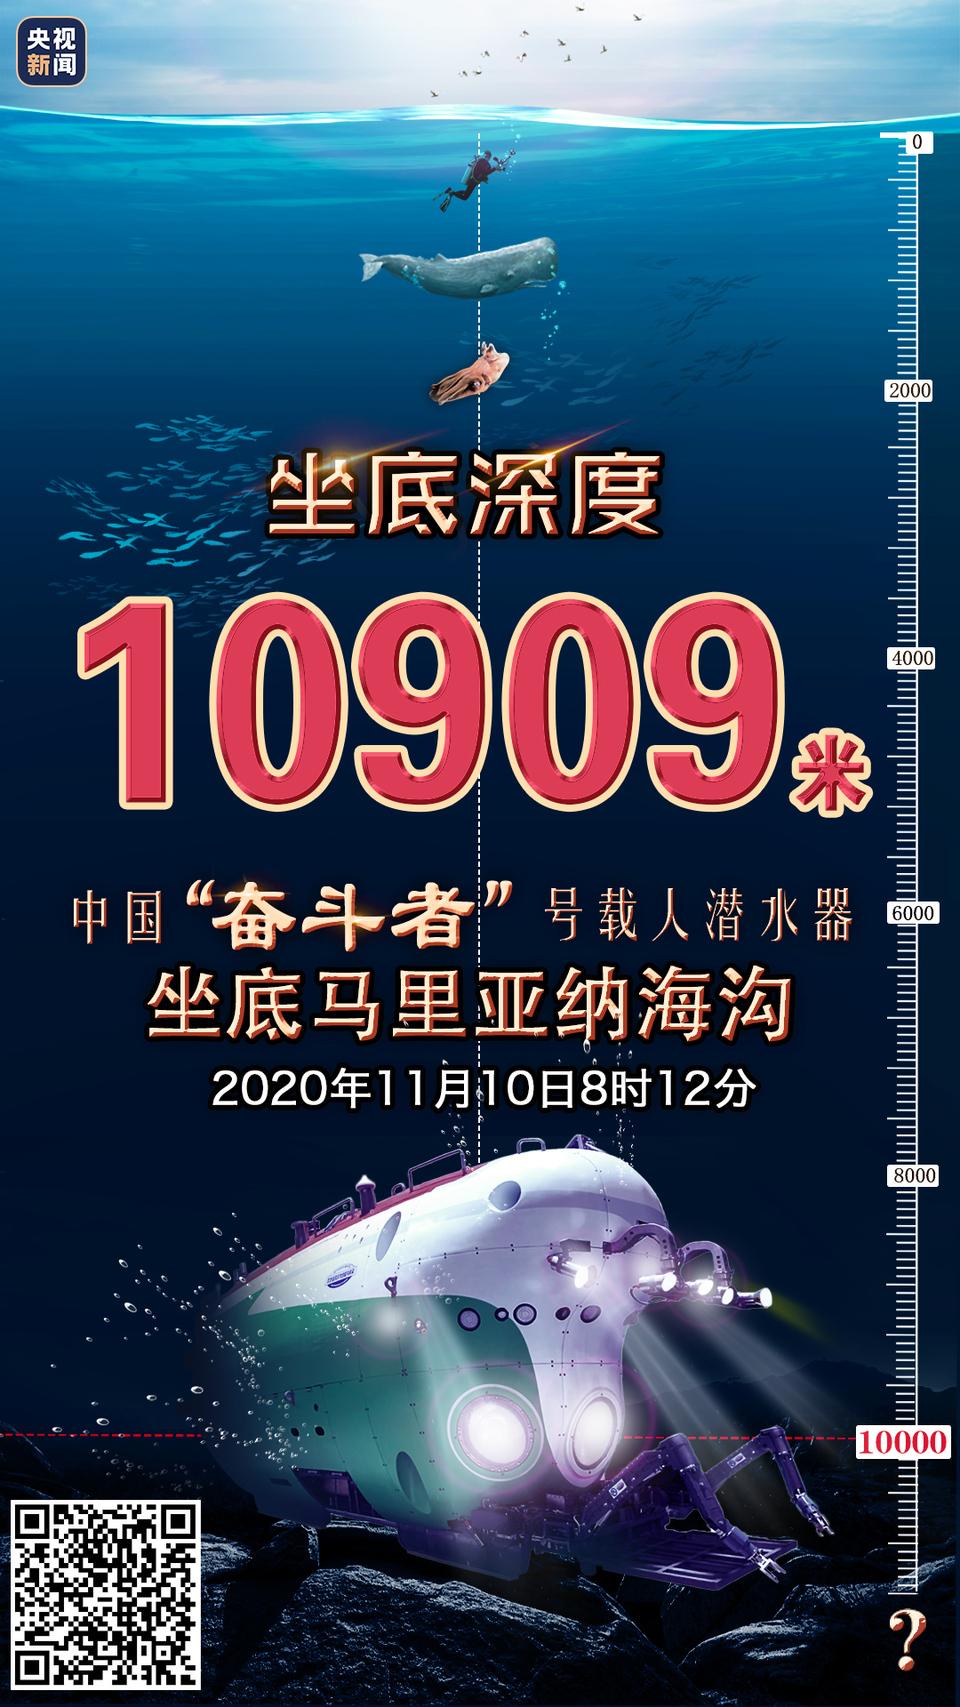 """深度10909米!中国""""奋斗者""""号载人潜水器在"""